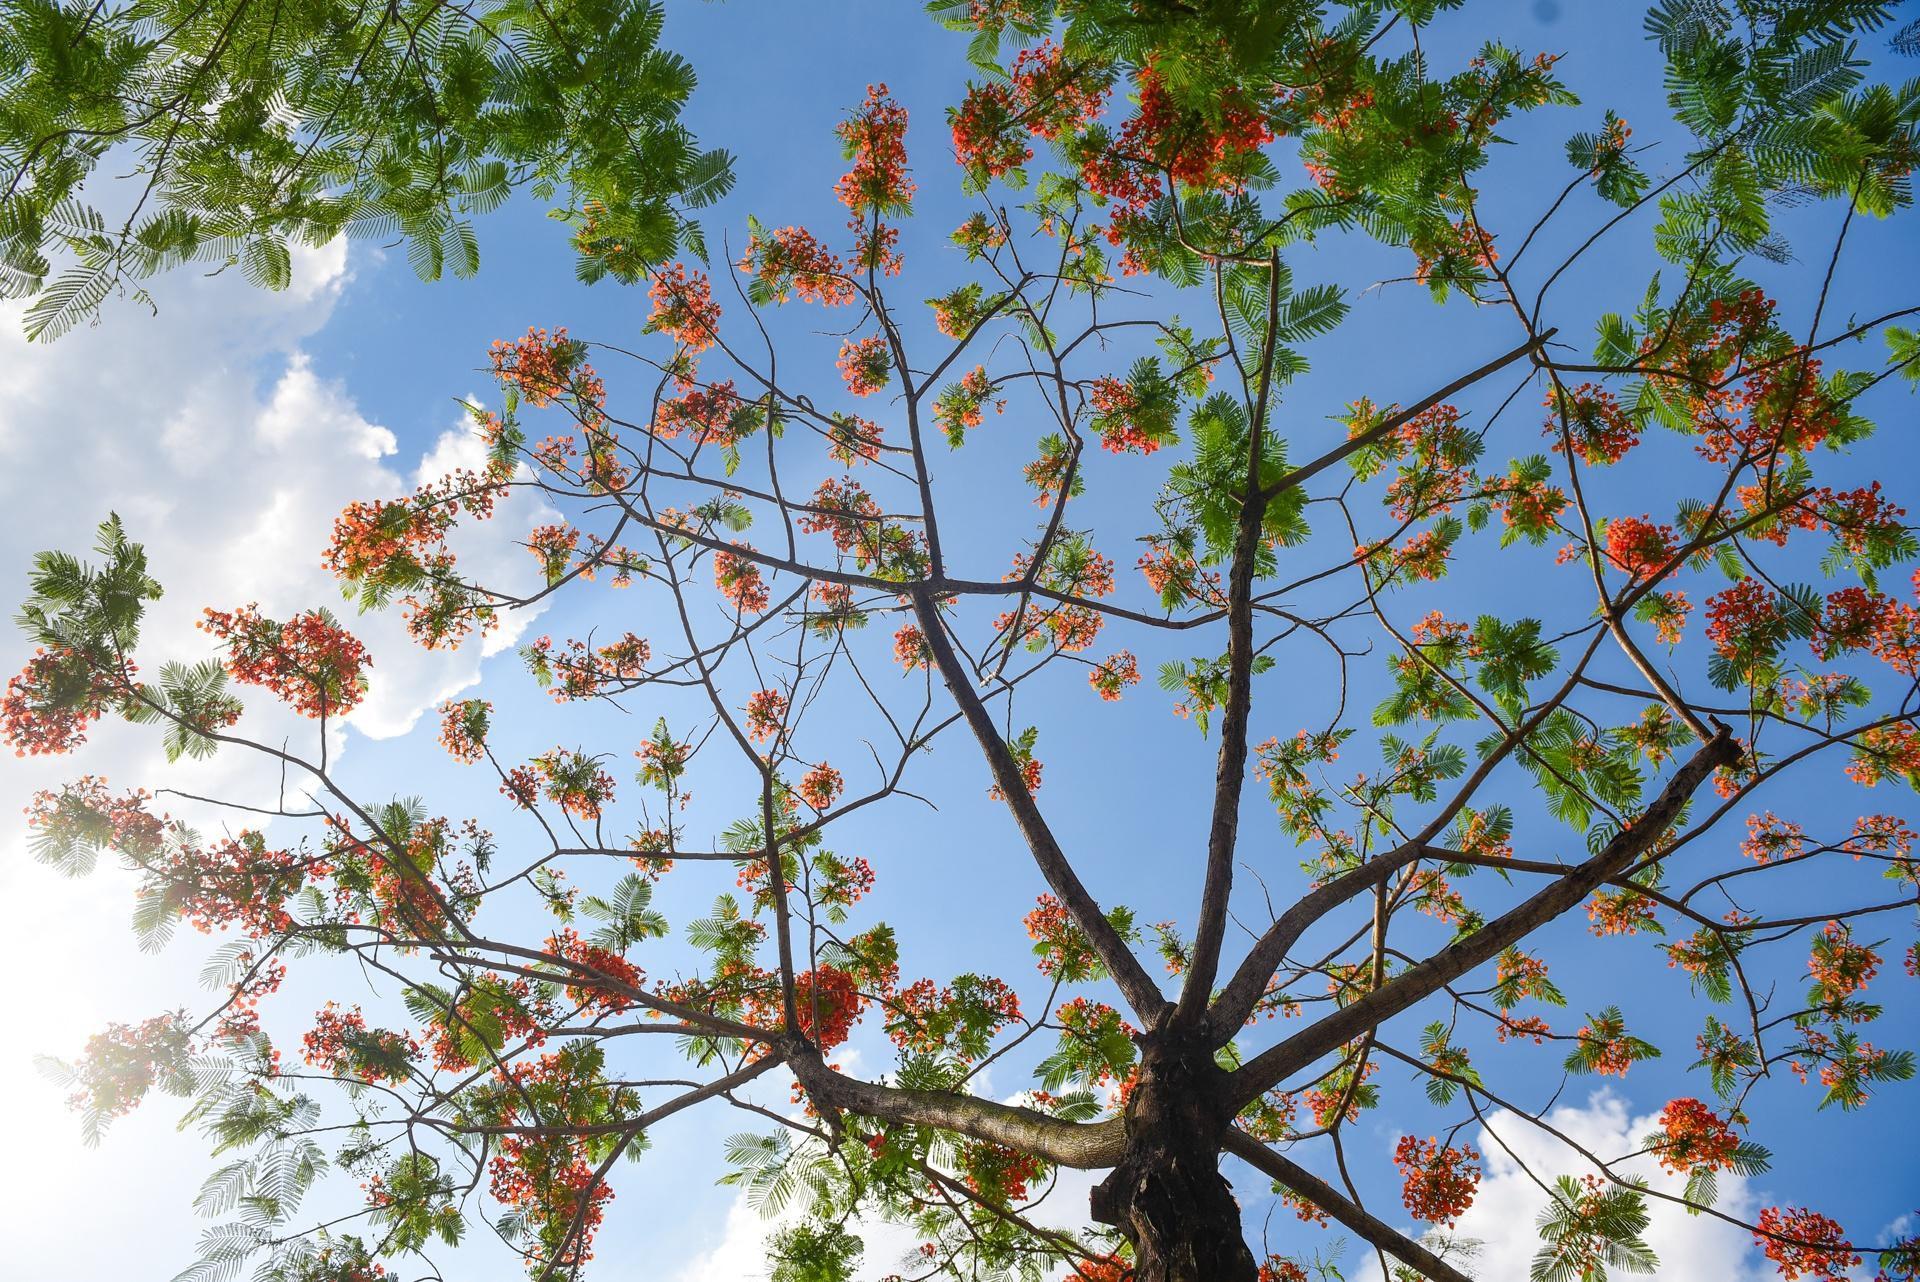 Hà Nội nơi đỏ rực rỡ nhờ hoa phượng, chỗ dát vàng bởi muồng hoàng yến Ảnh 1